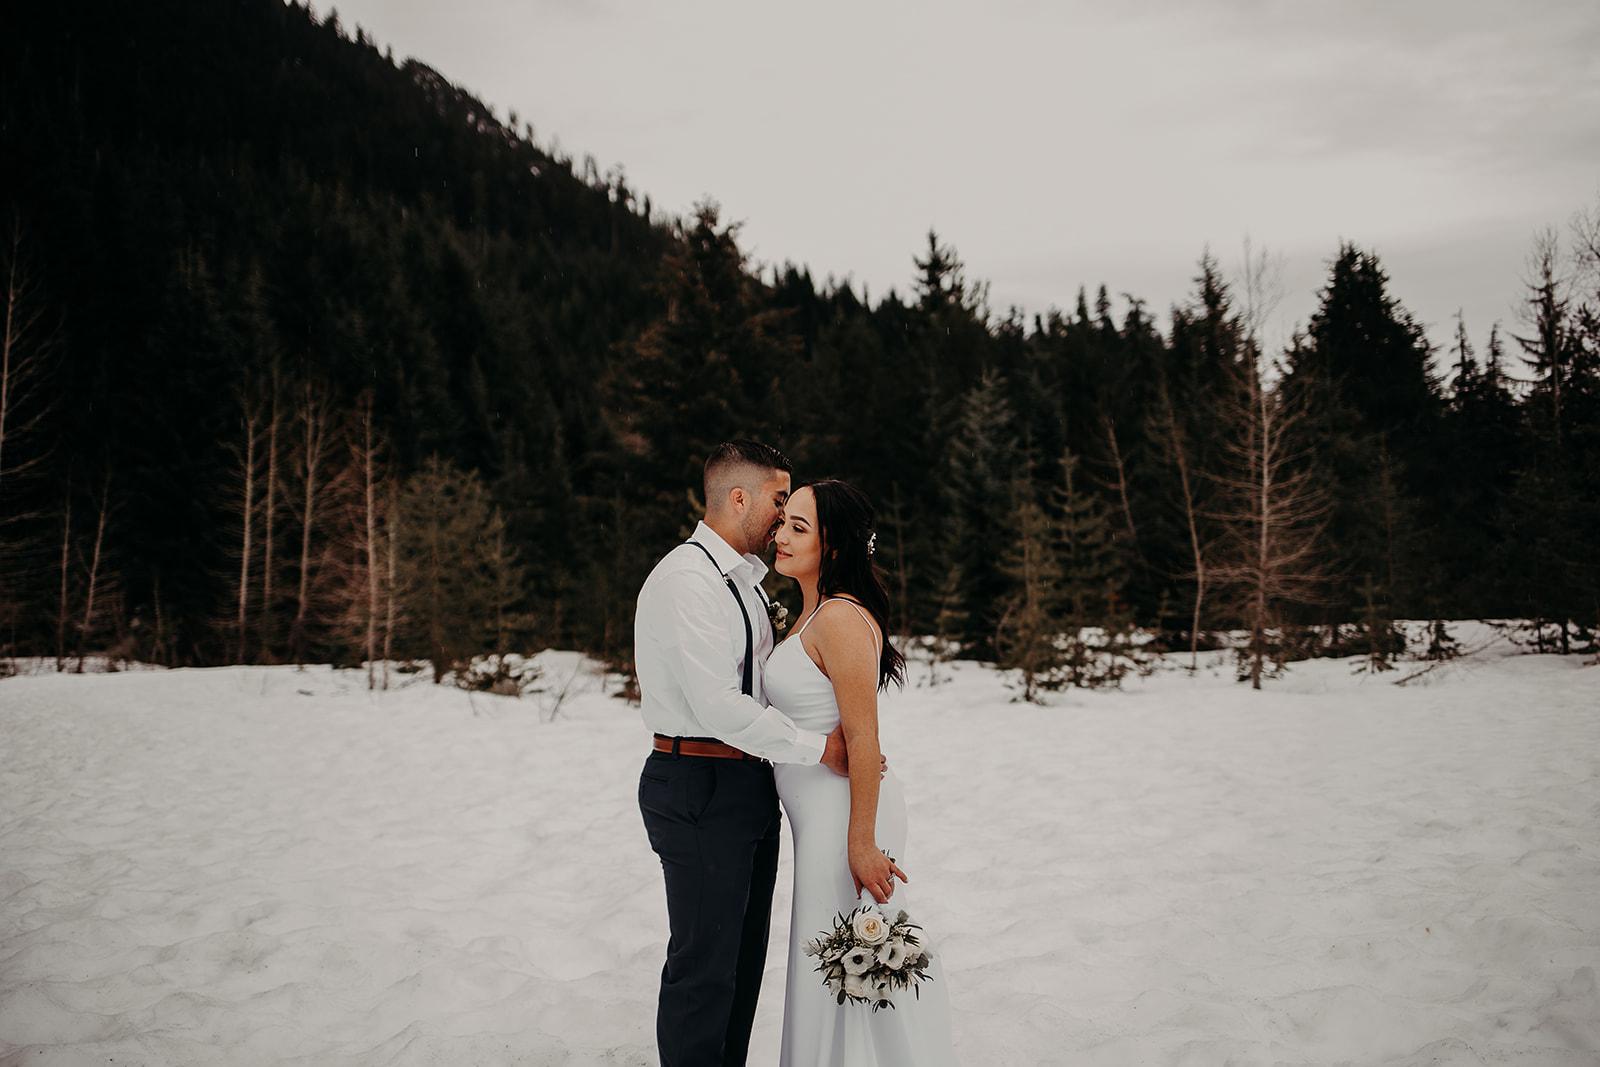 winter-mountain-elopement-asheville-wedding-photographer-megan-gallagher-photographer (12).jpg